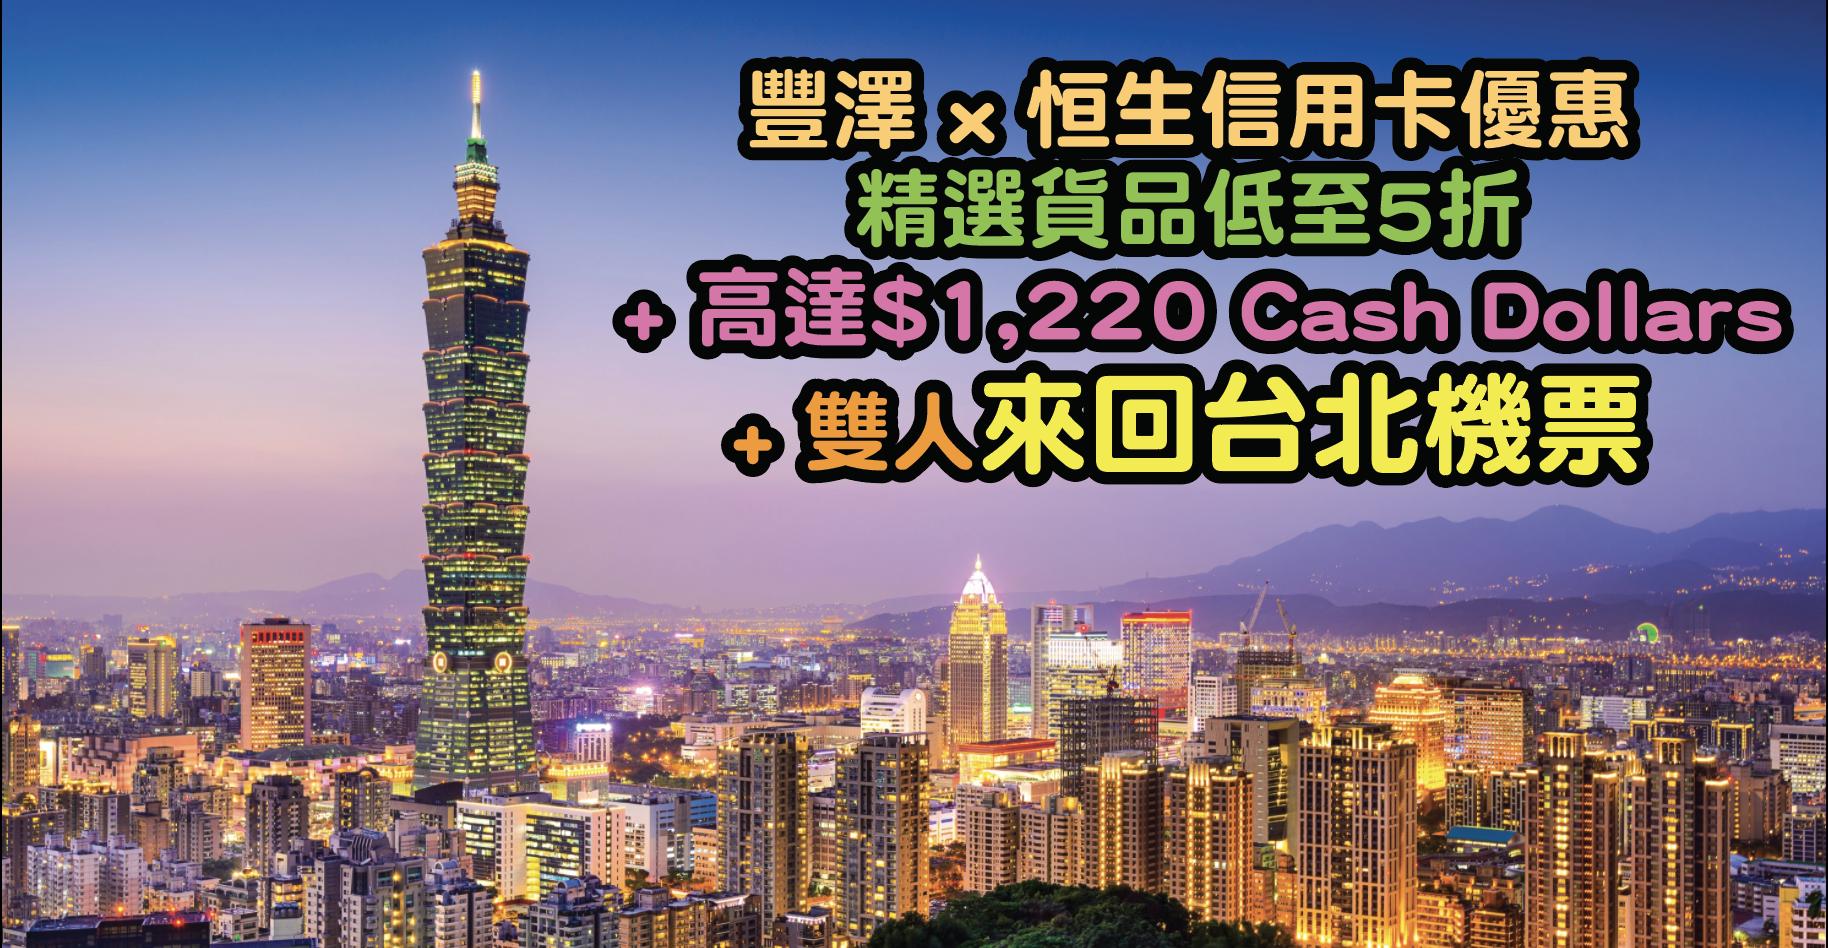 豐澤x恒生信用卡優惠!精選貨品低至5折 + 高達$1,220 Cash Dollars +免費雙人來回台北機票